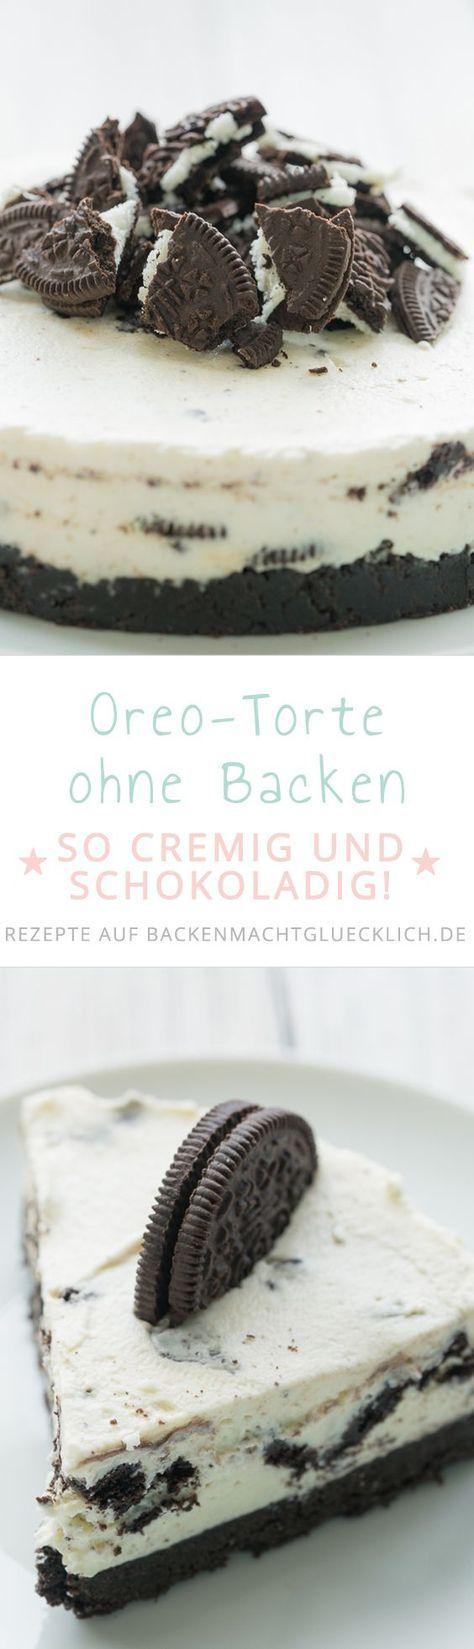 Oreo Torte Ohne Backen Rezept Lecker Pinterest Backen Oreo